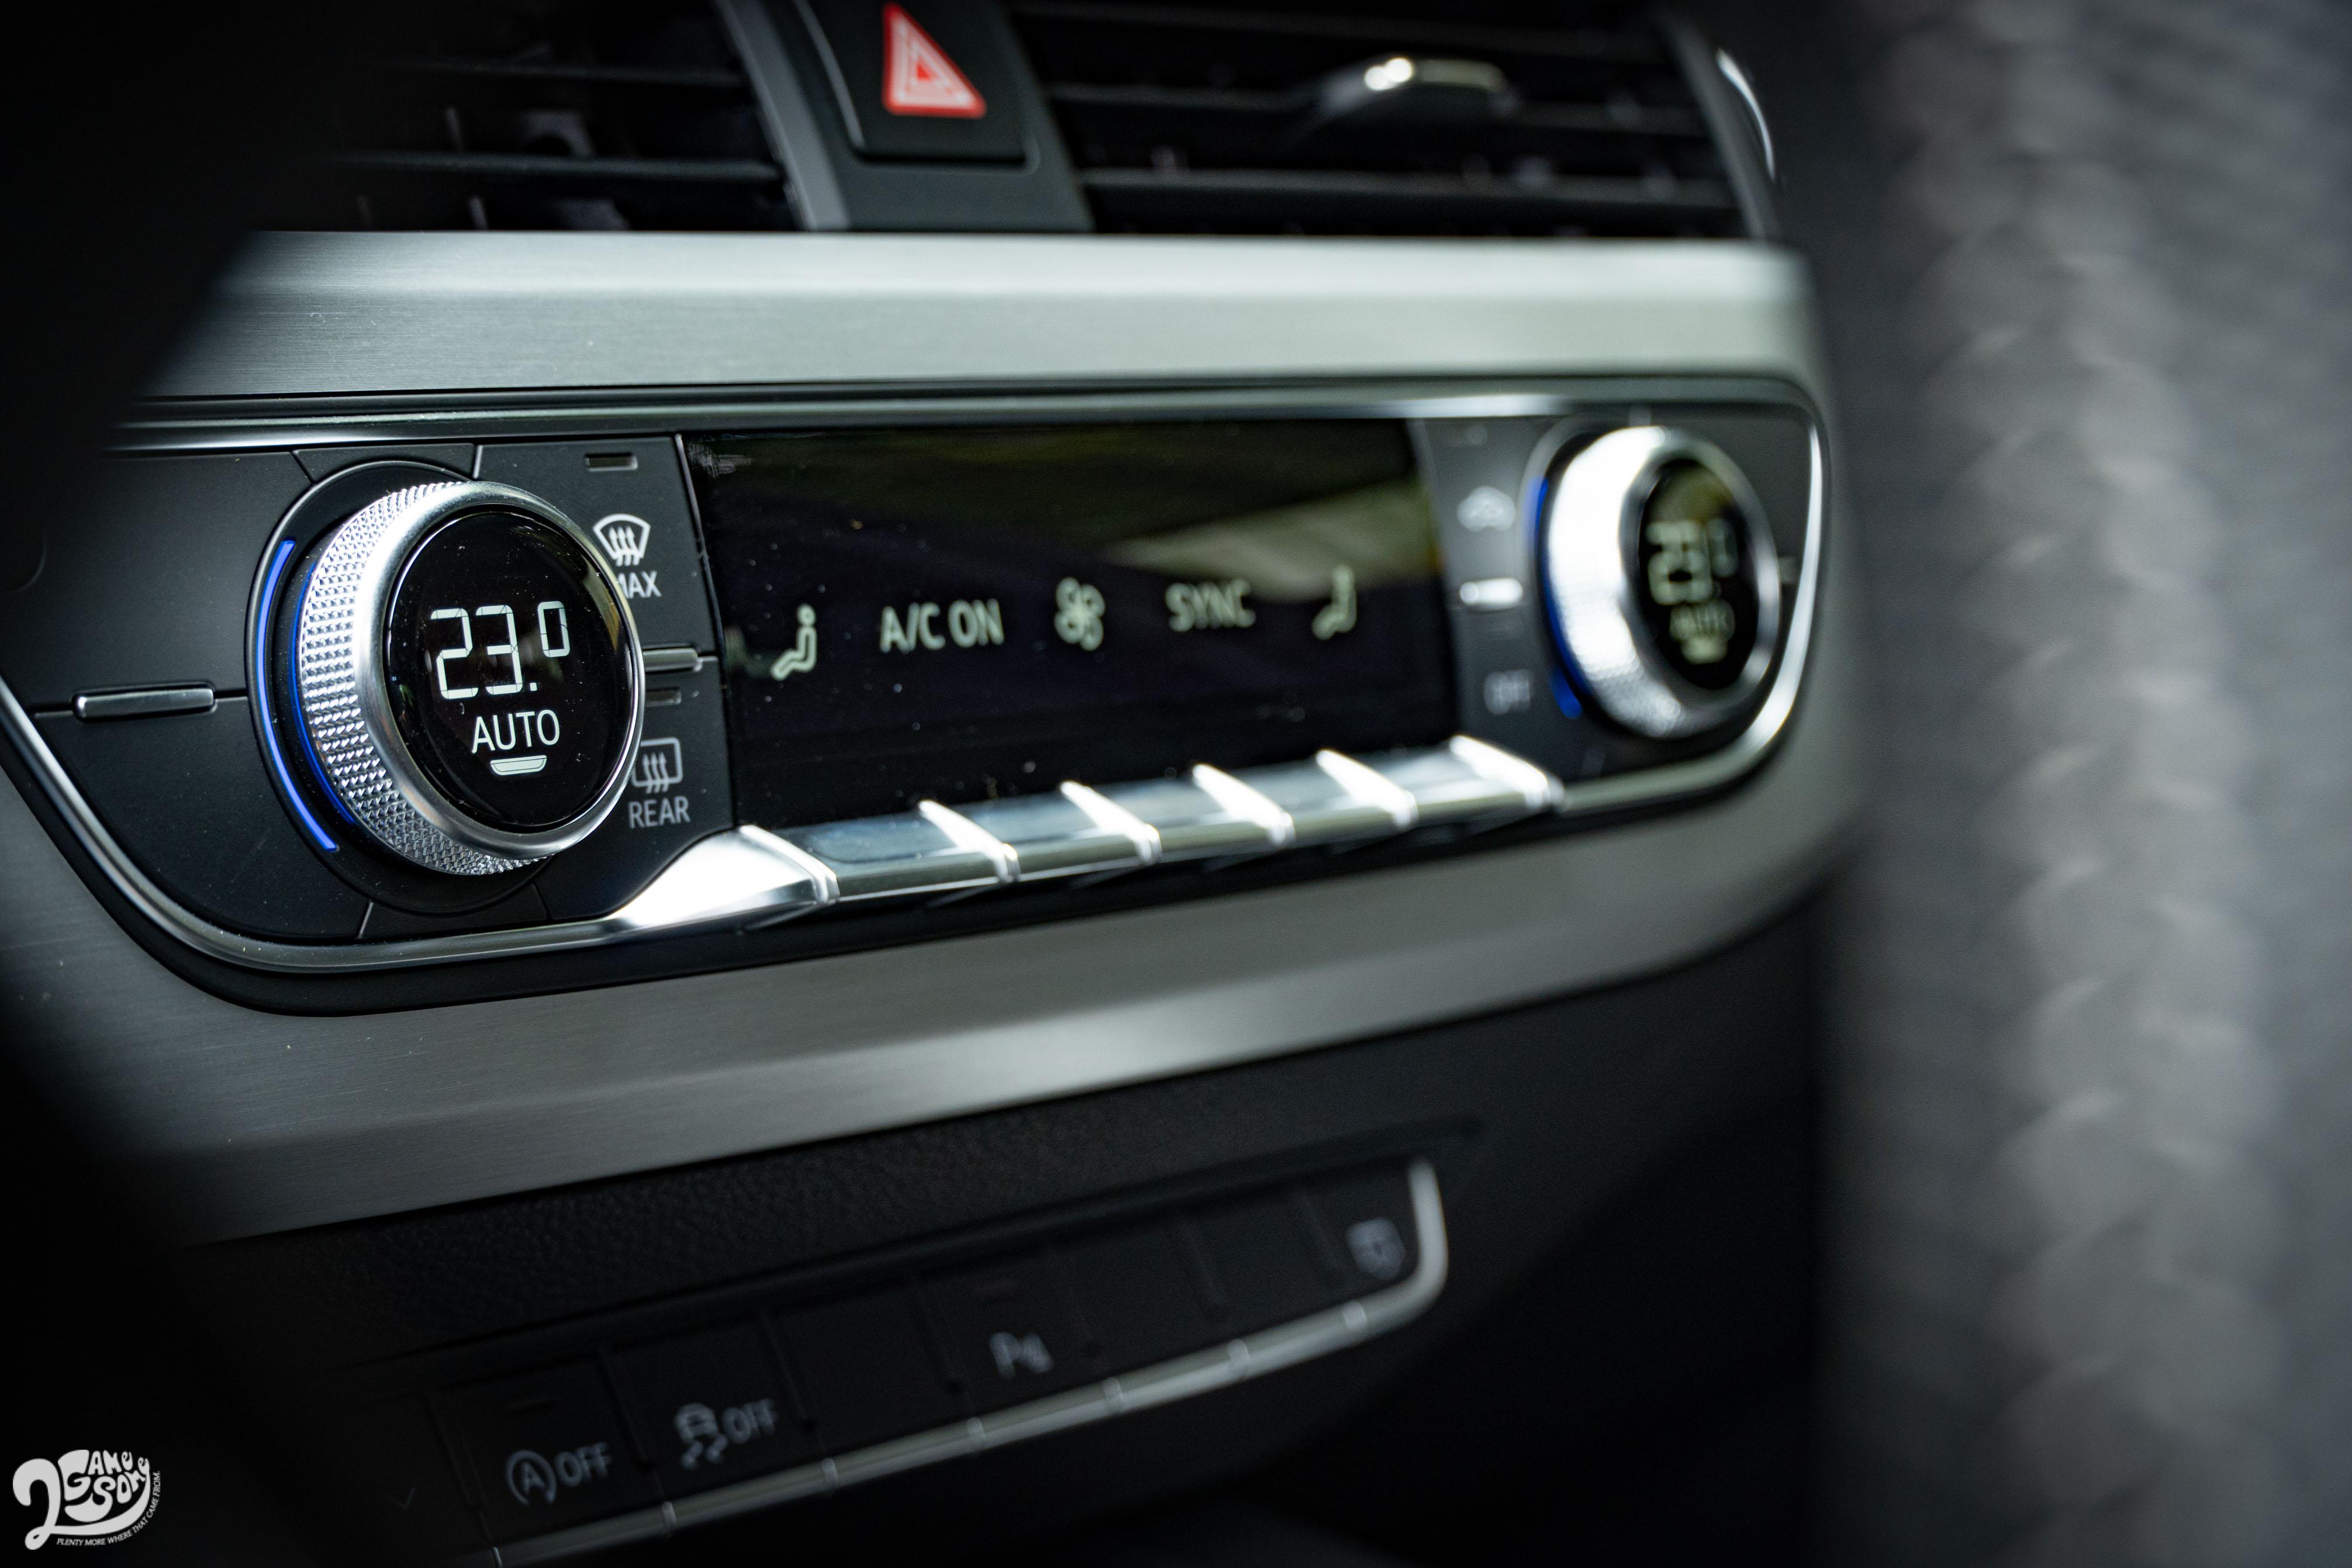 調控制還保留實體旋鈕和按鍵,但巧妙地在旋鈕中安插數位溫度顯示